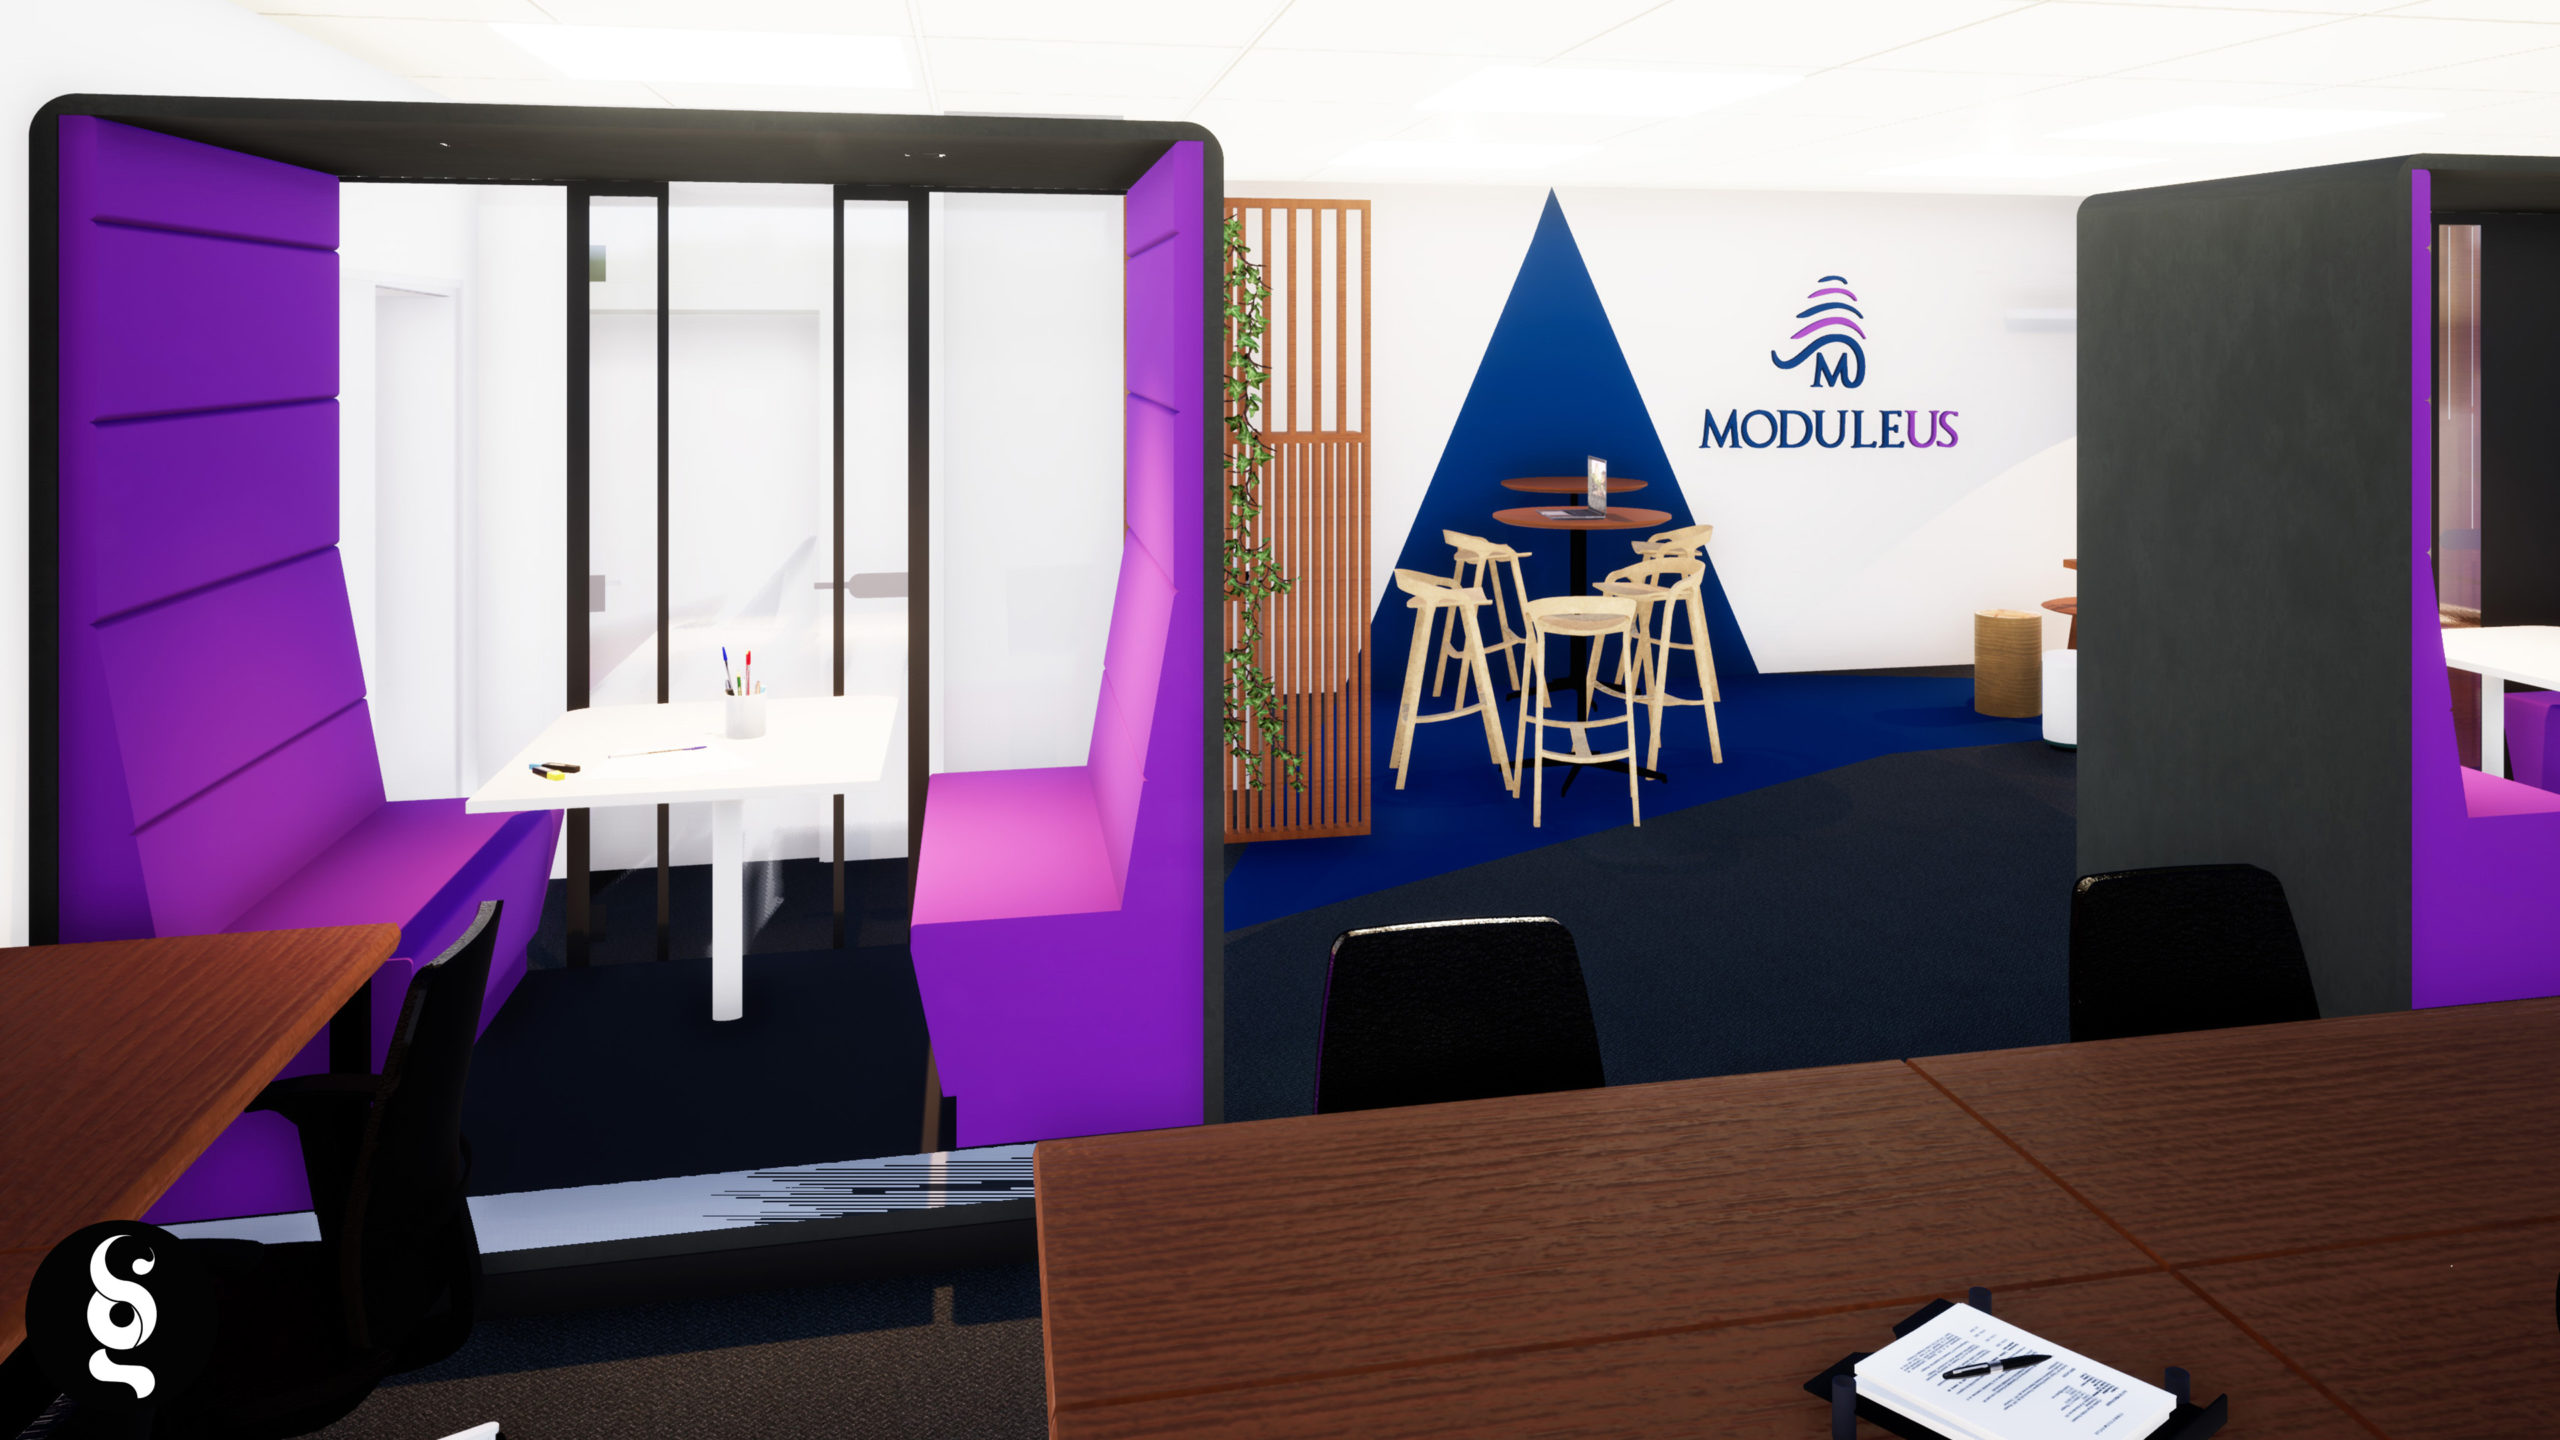 Image portfolio - MODULEUS projet réalisé par SG DESIGN